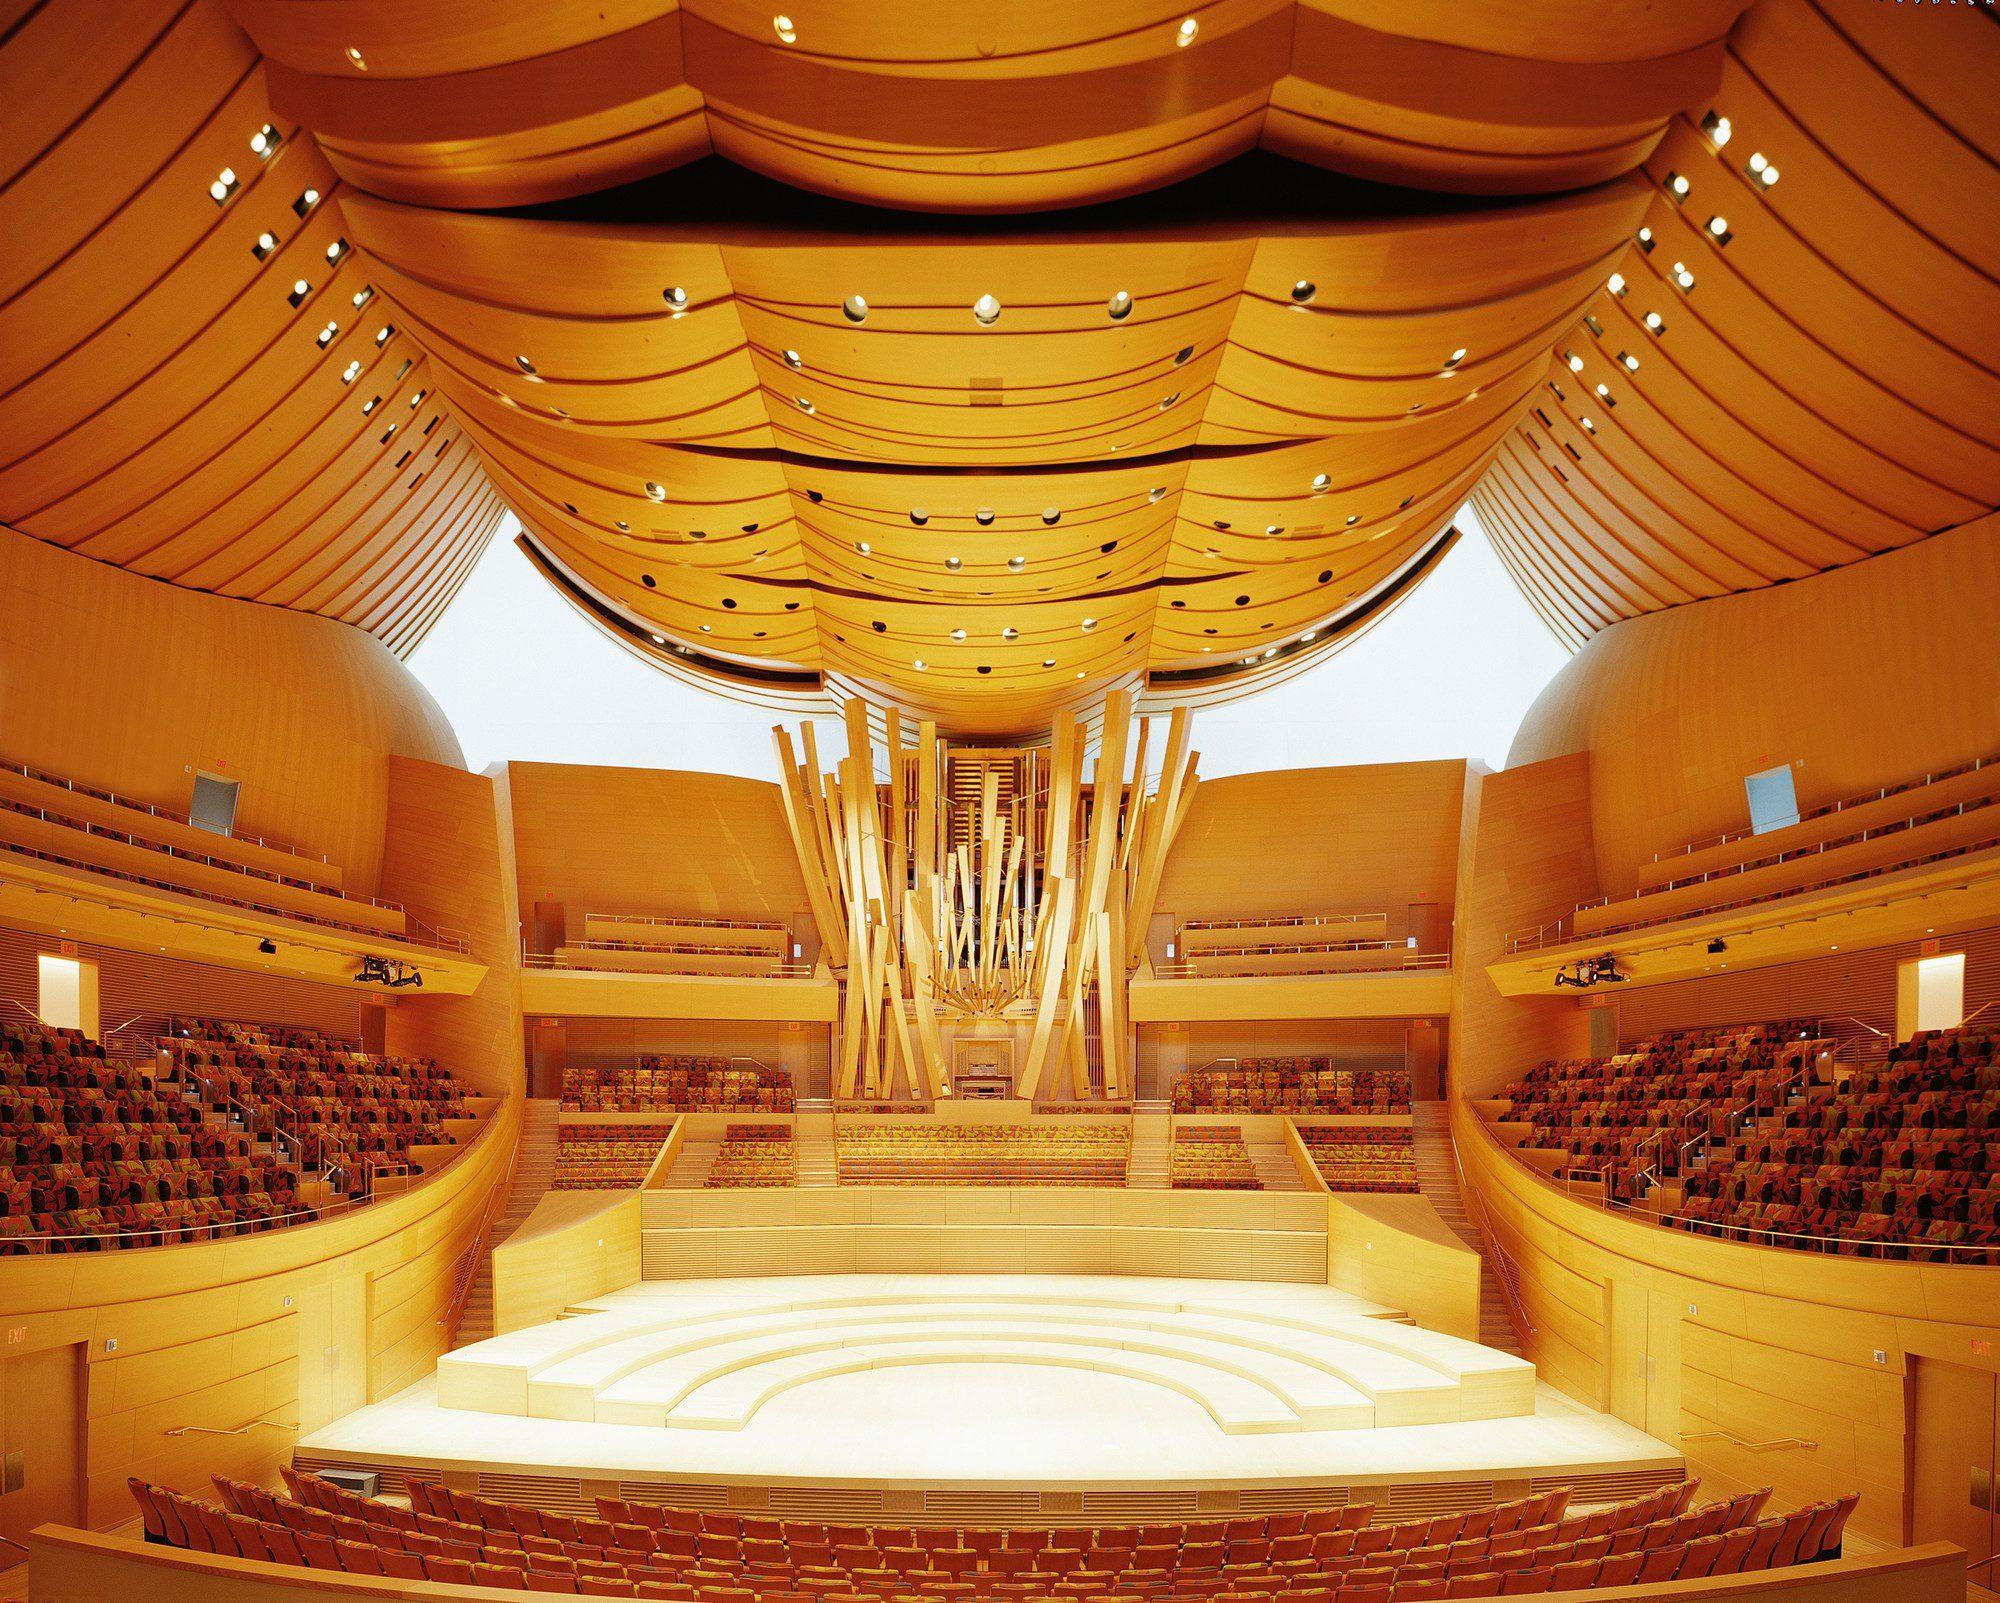 μέγαρο μουσικής - αρχιτεκτονικής